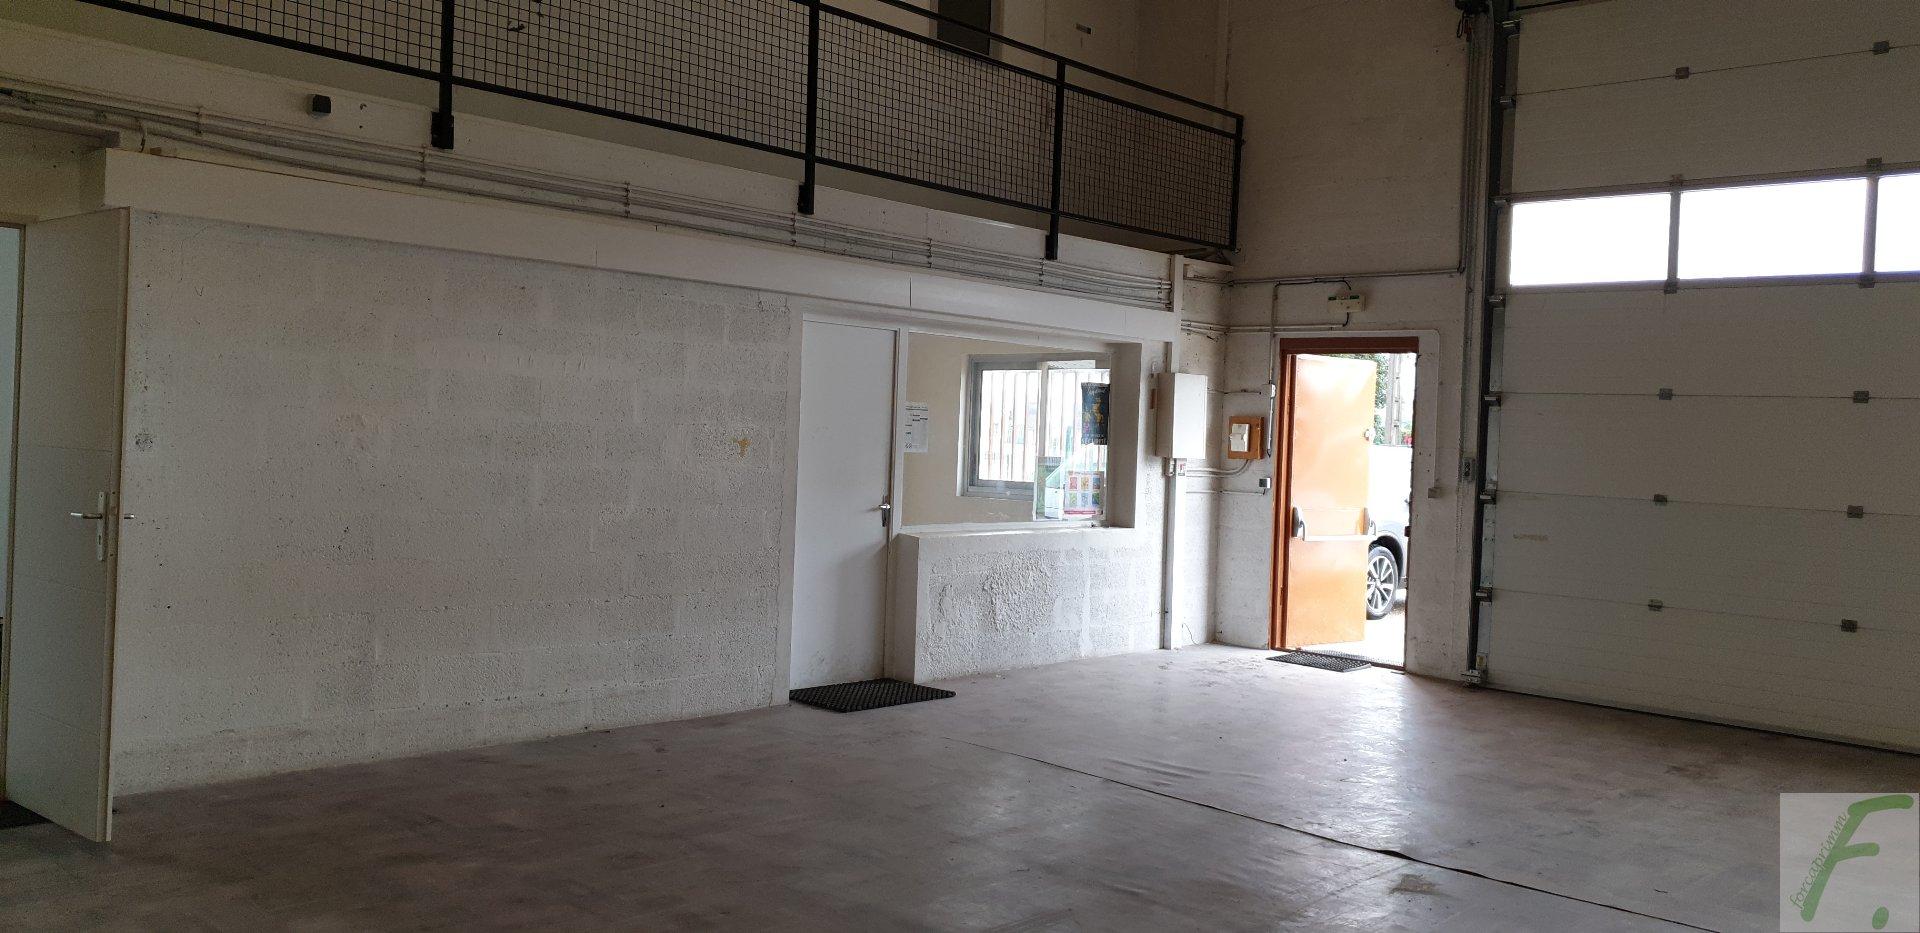 Entrepots et Bureaux - Bureau Local Entrepôt